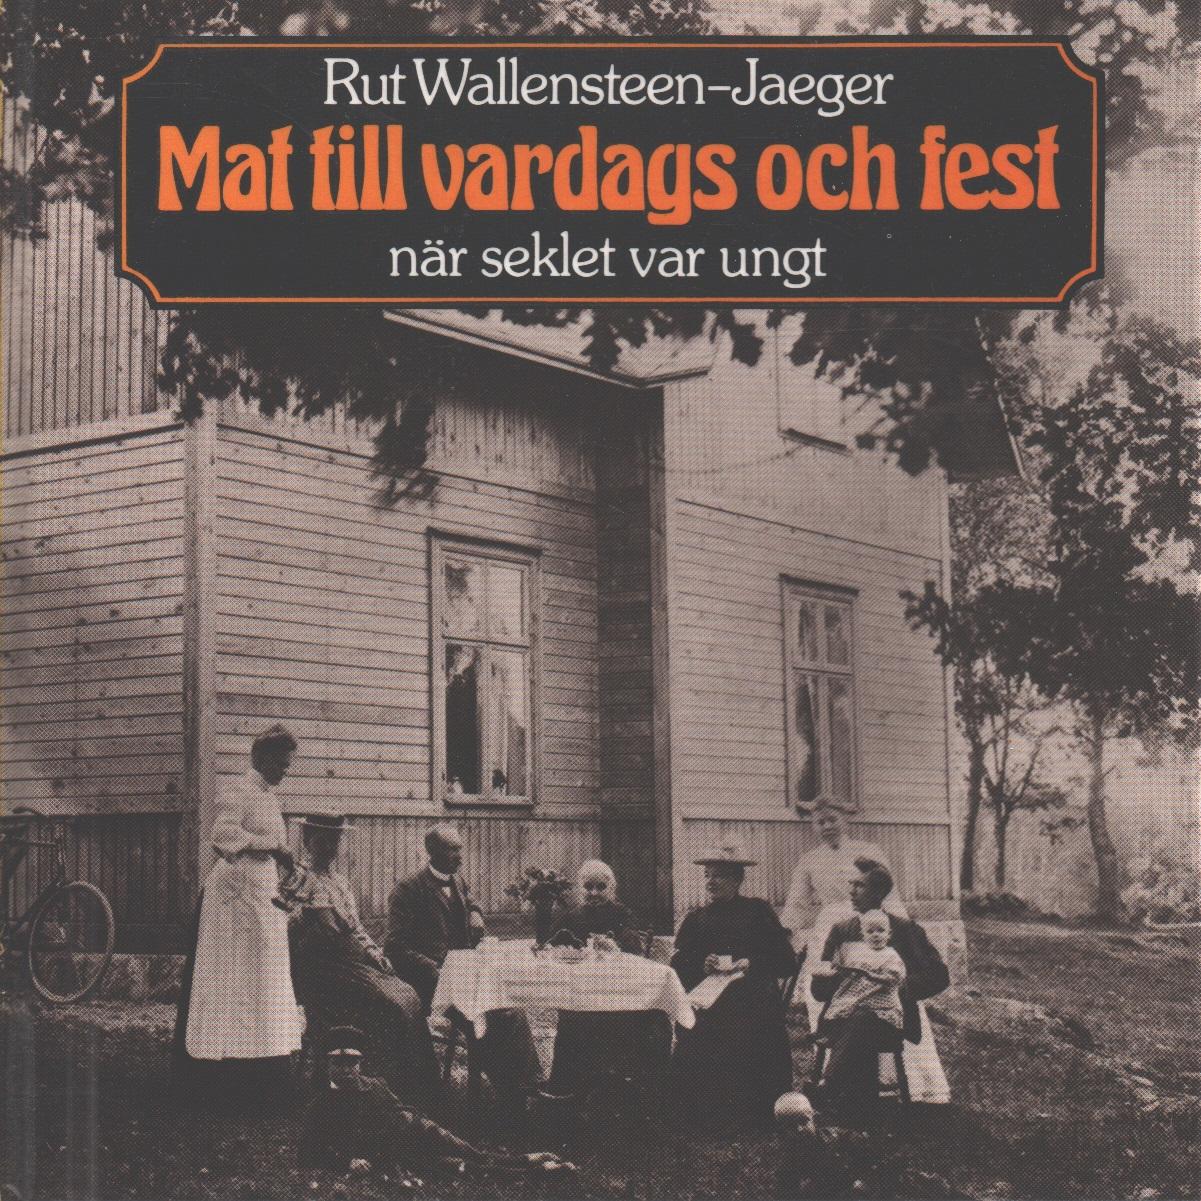 Mat till vardags och fest när seklet var ungt - Wallensteen-Jæger, Rut